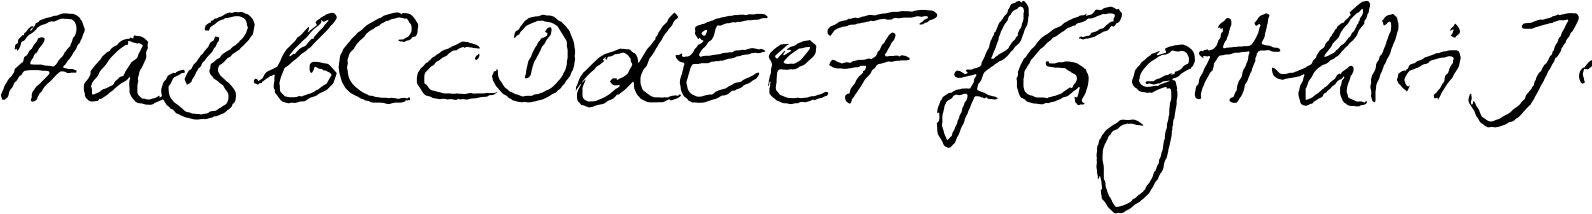 Hand Writing of Janina